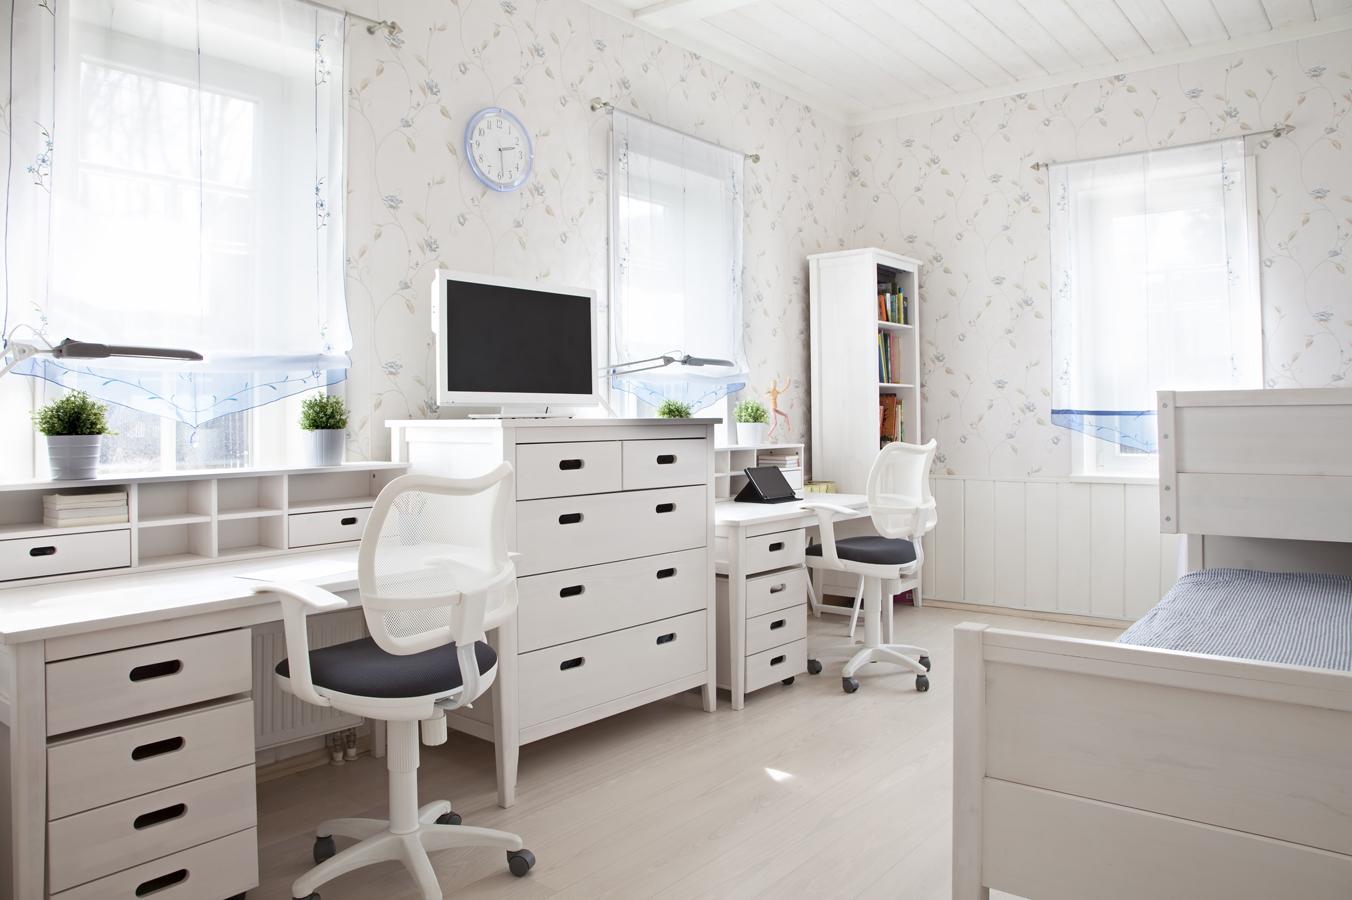 Chambre id es d coration et peinture - Peinture et decoration chambre ...